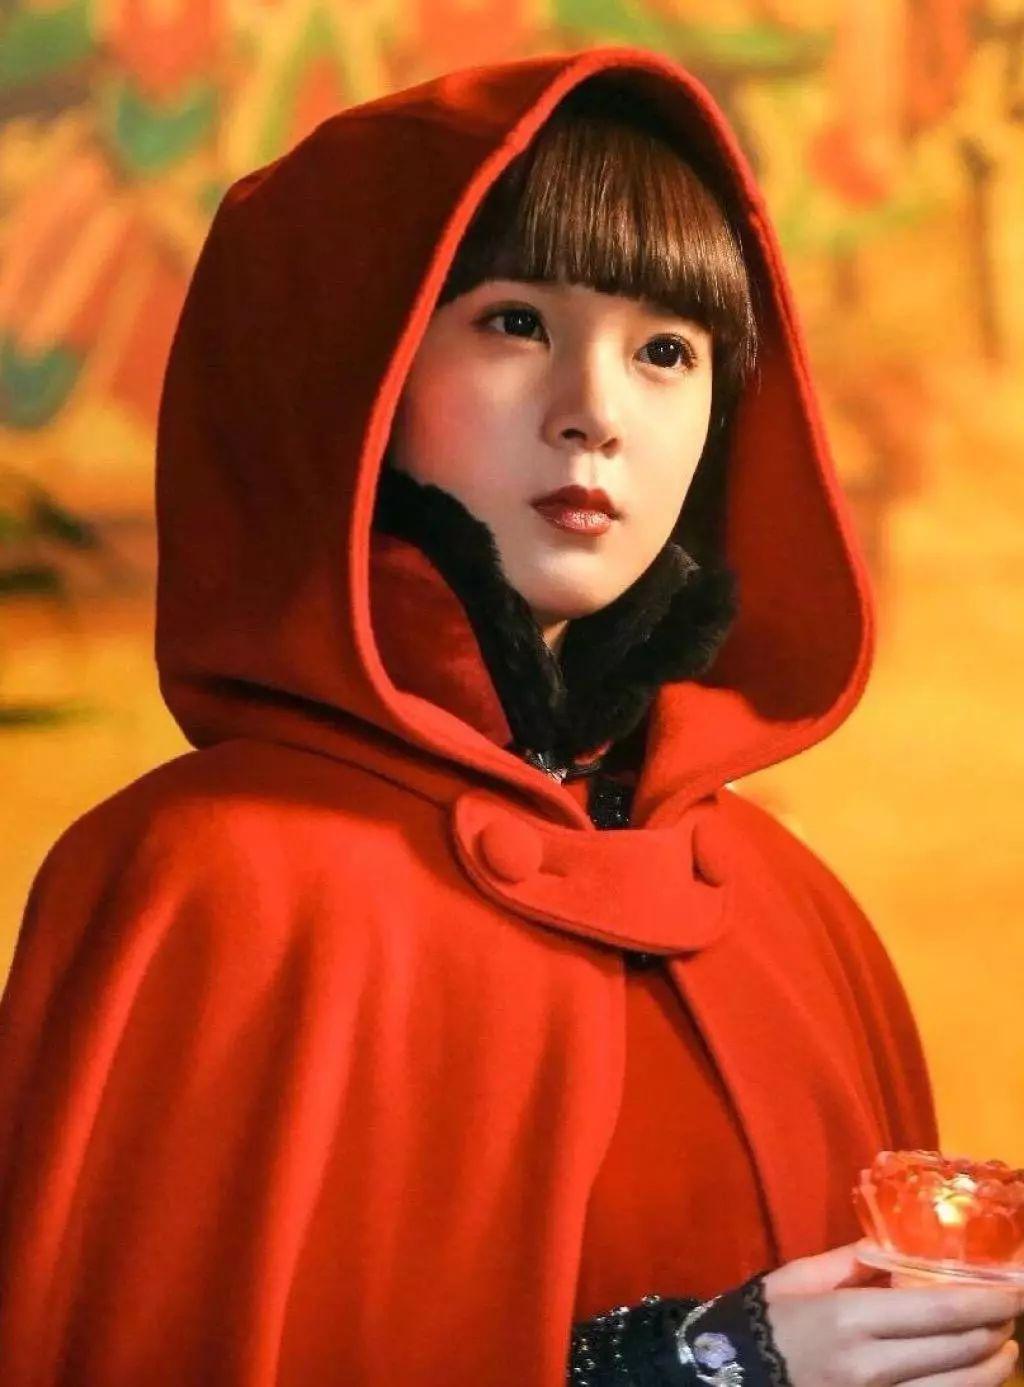 陈瑶和徐璐撞造型,一个冷艳高贵不过大家还是喜欢她